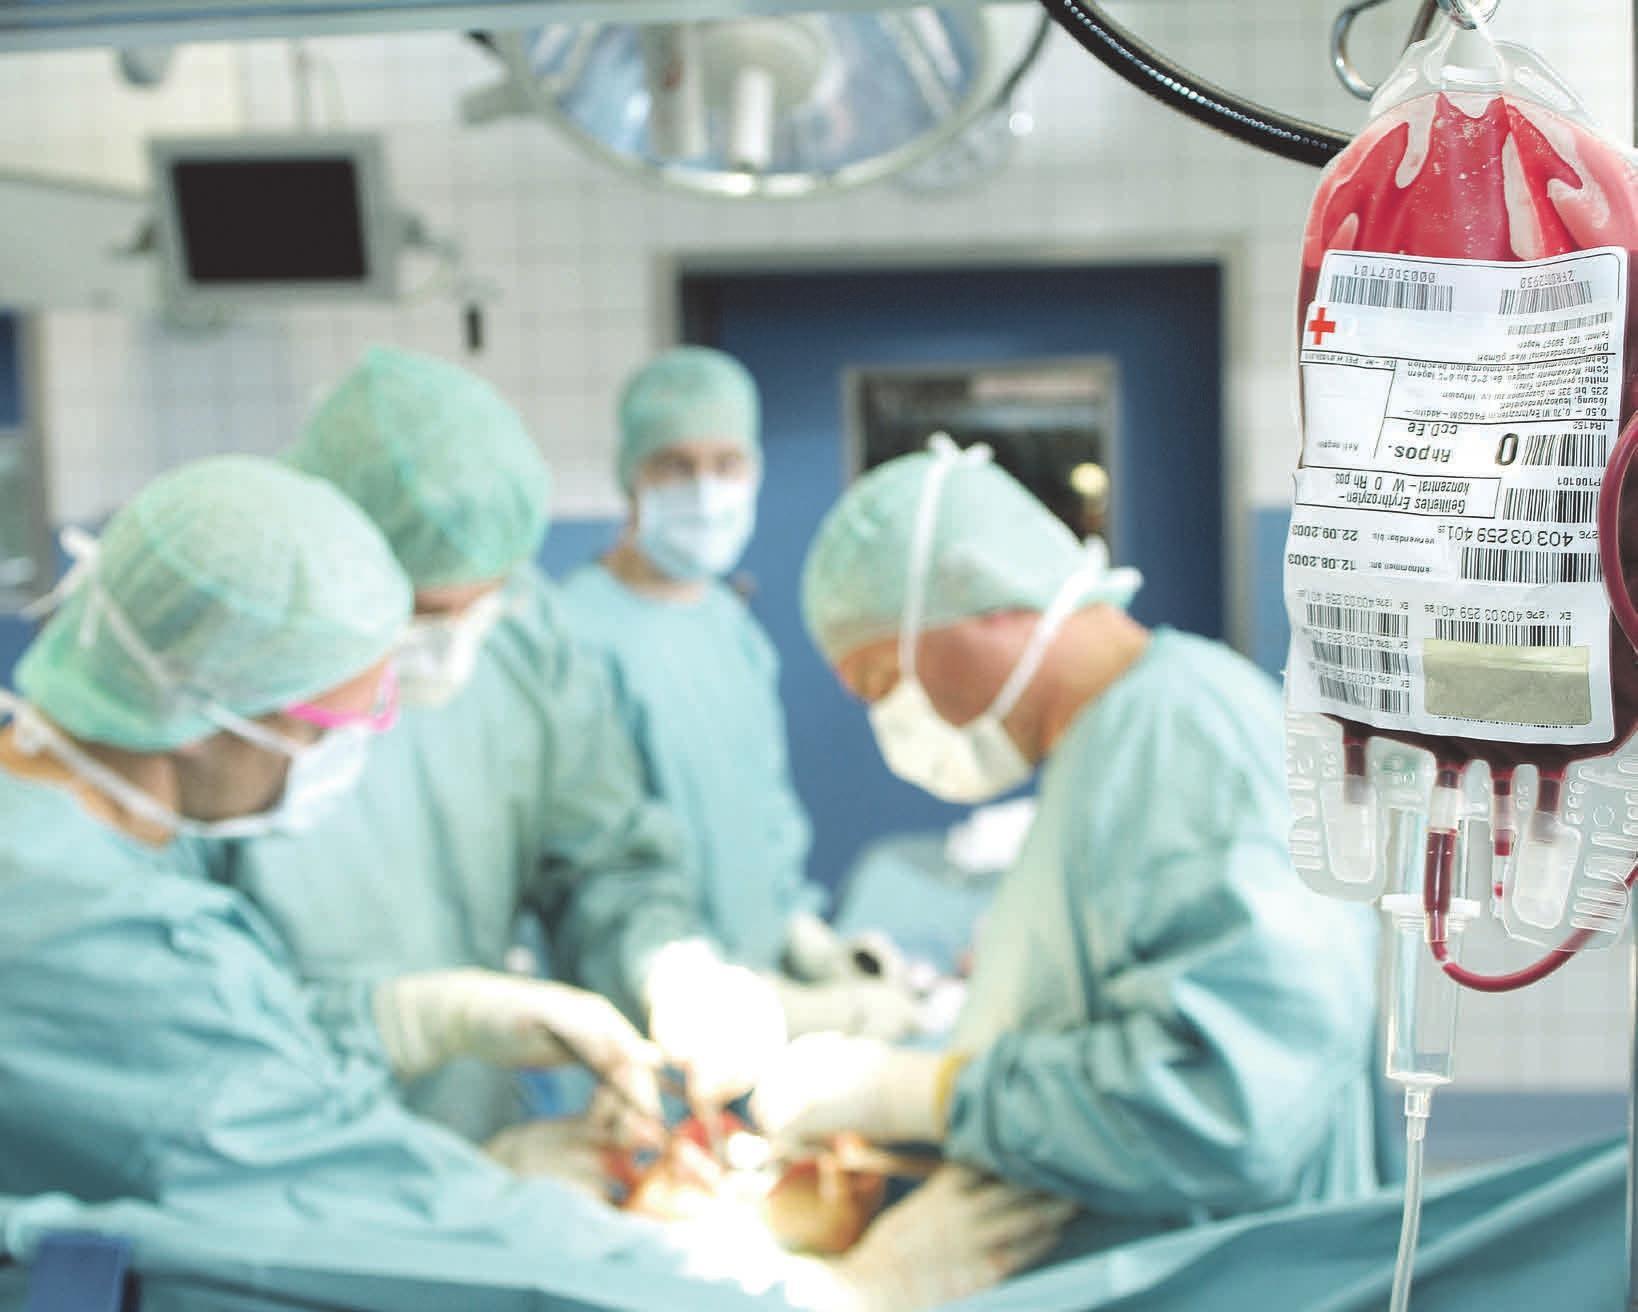 Die Spenden werden in den Krankenhäusern für die unterschiedlichsten Therapien eingesetzt – Unfälle stehen dabei an vierter Stelle. Foto blutspende-west.de